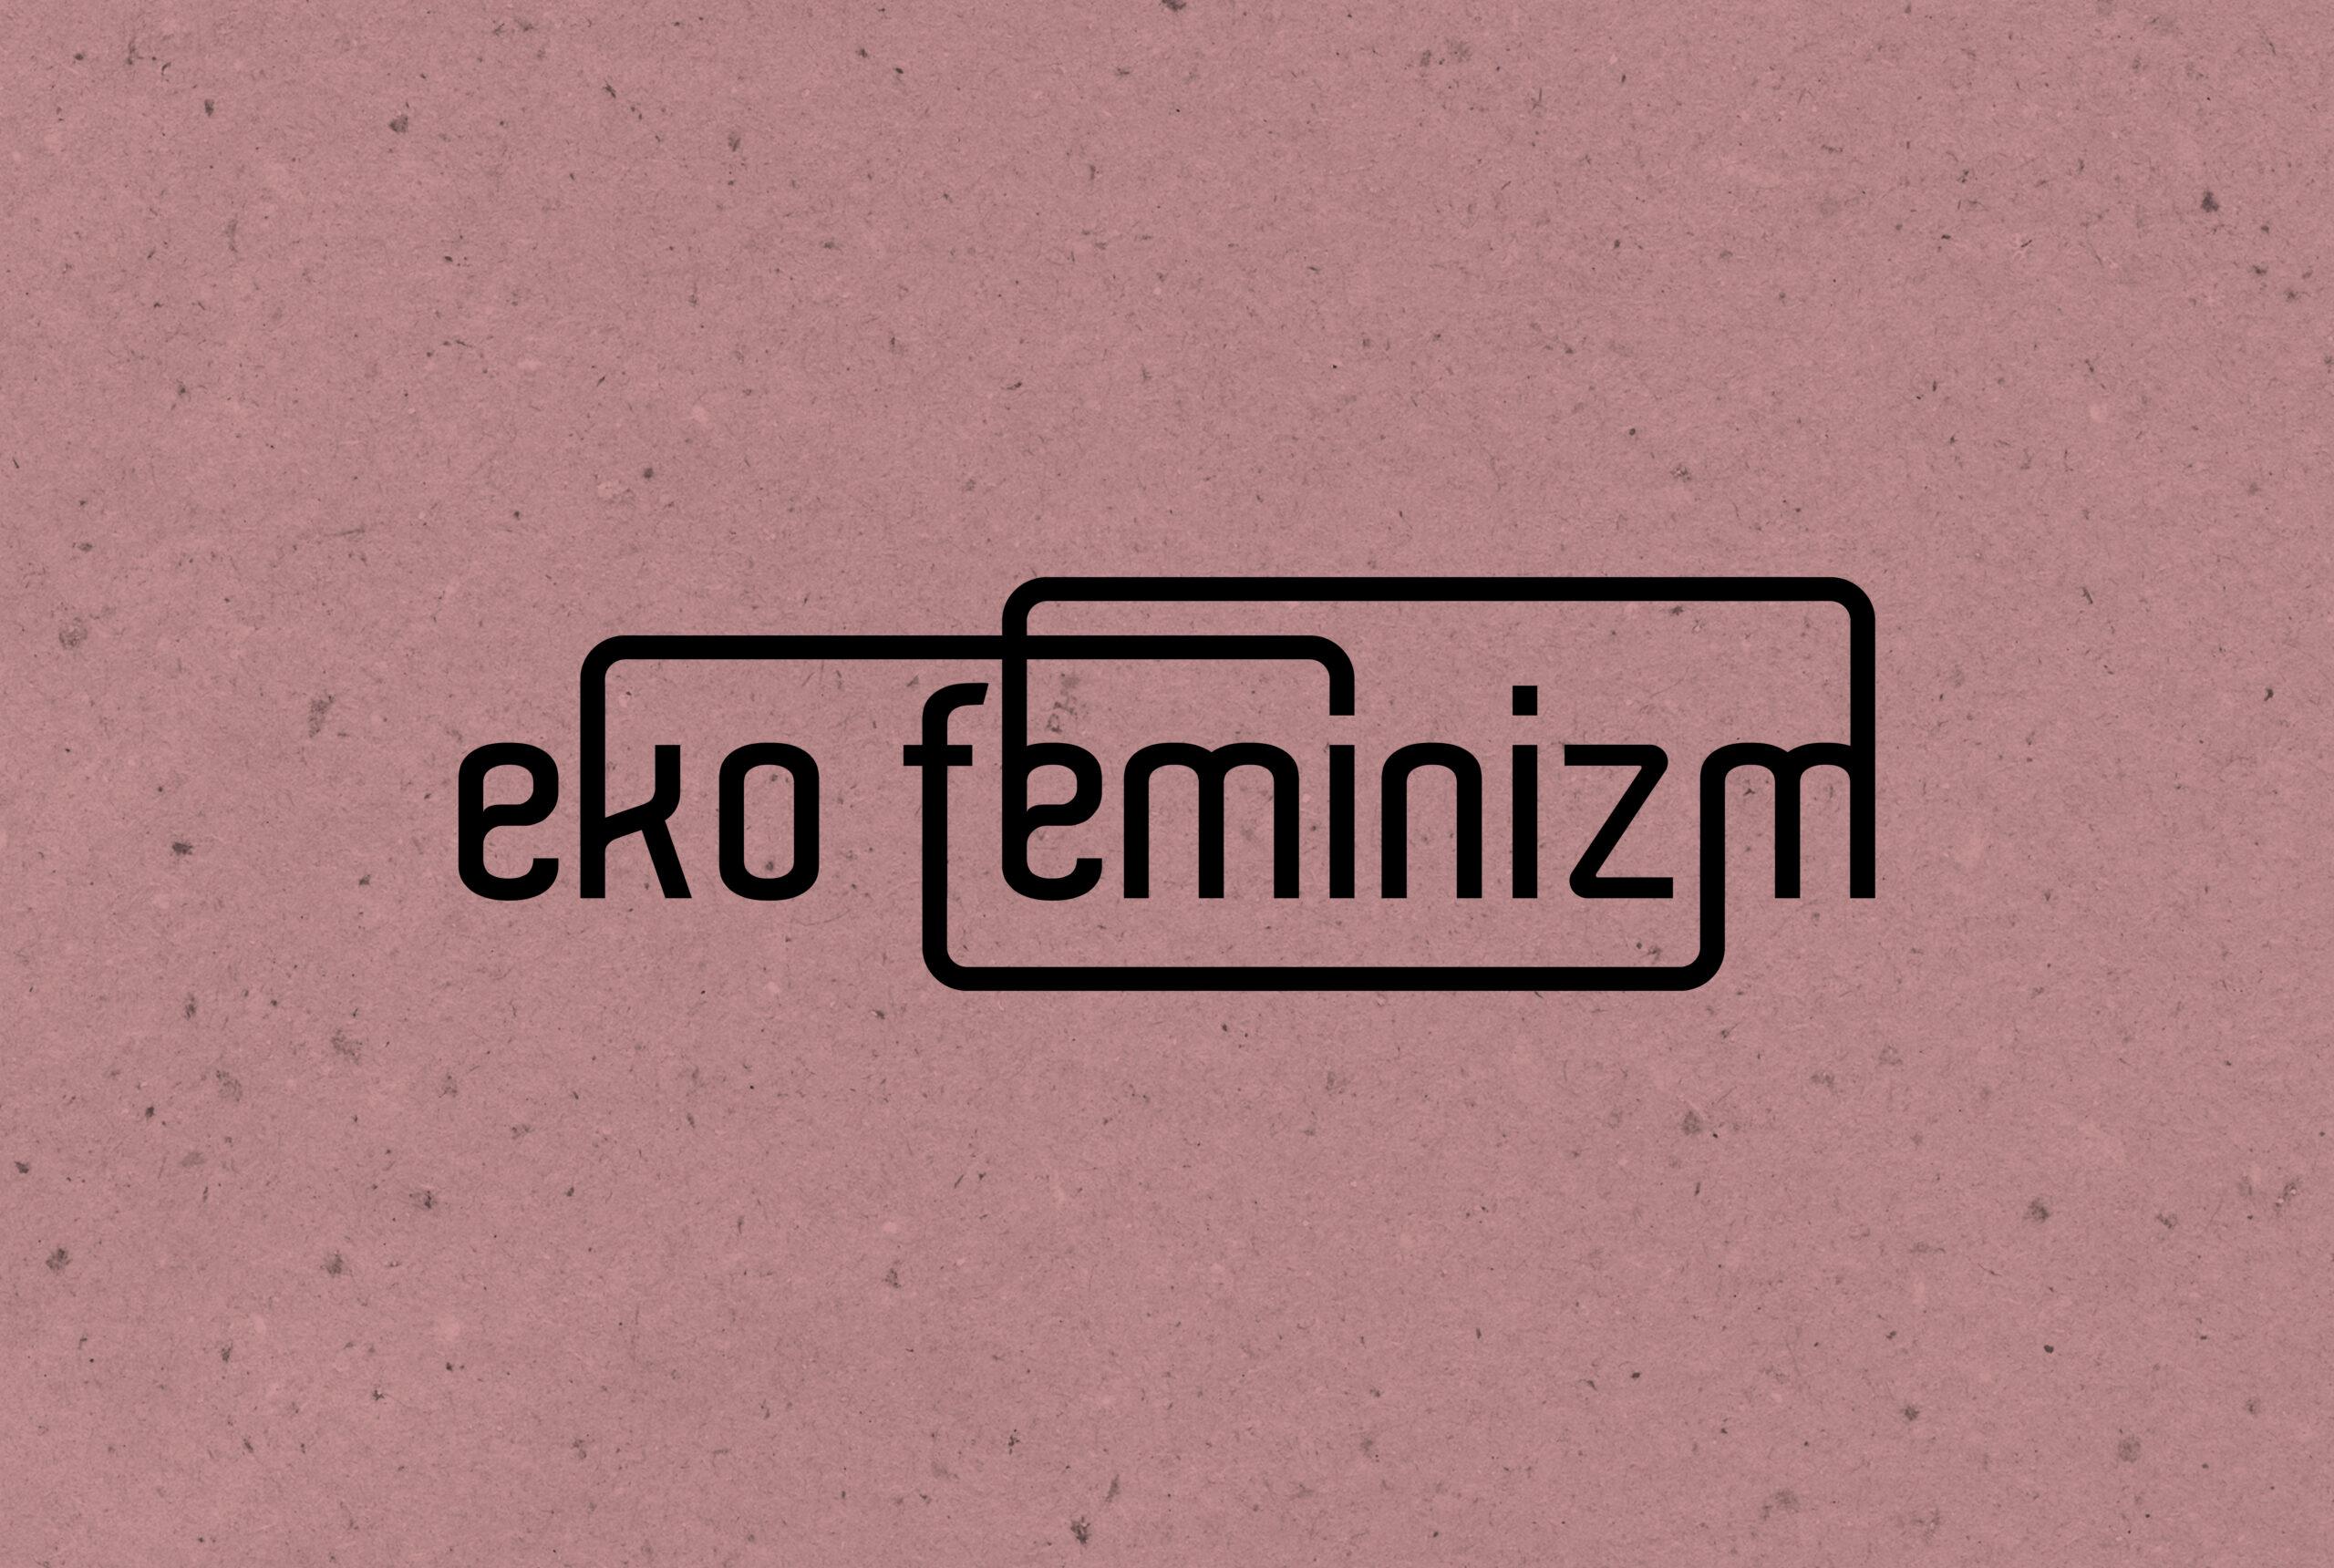 Ekofeminizm